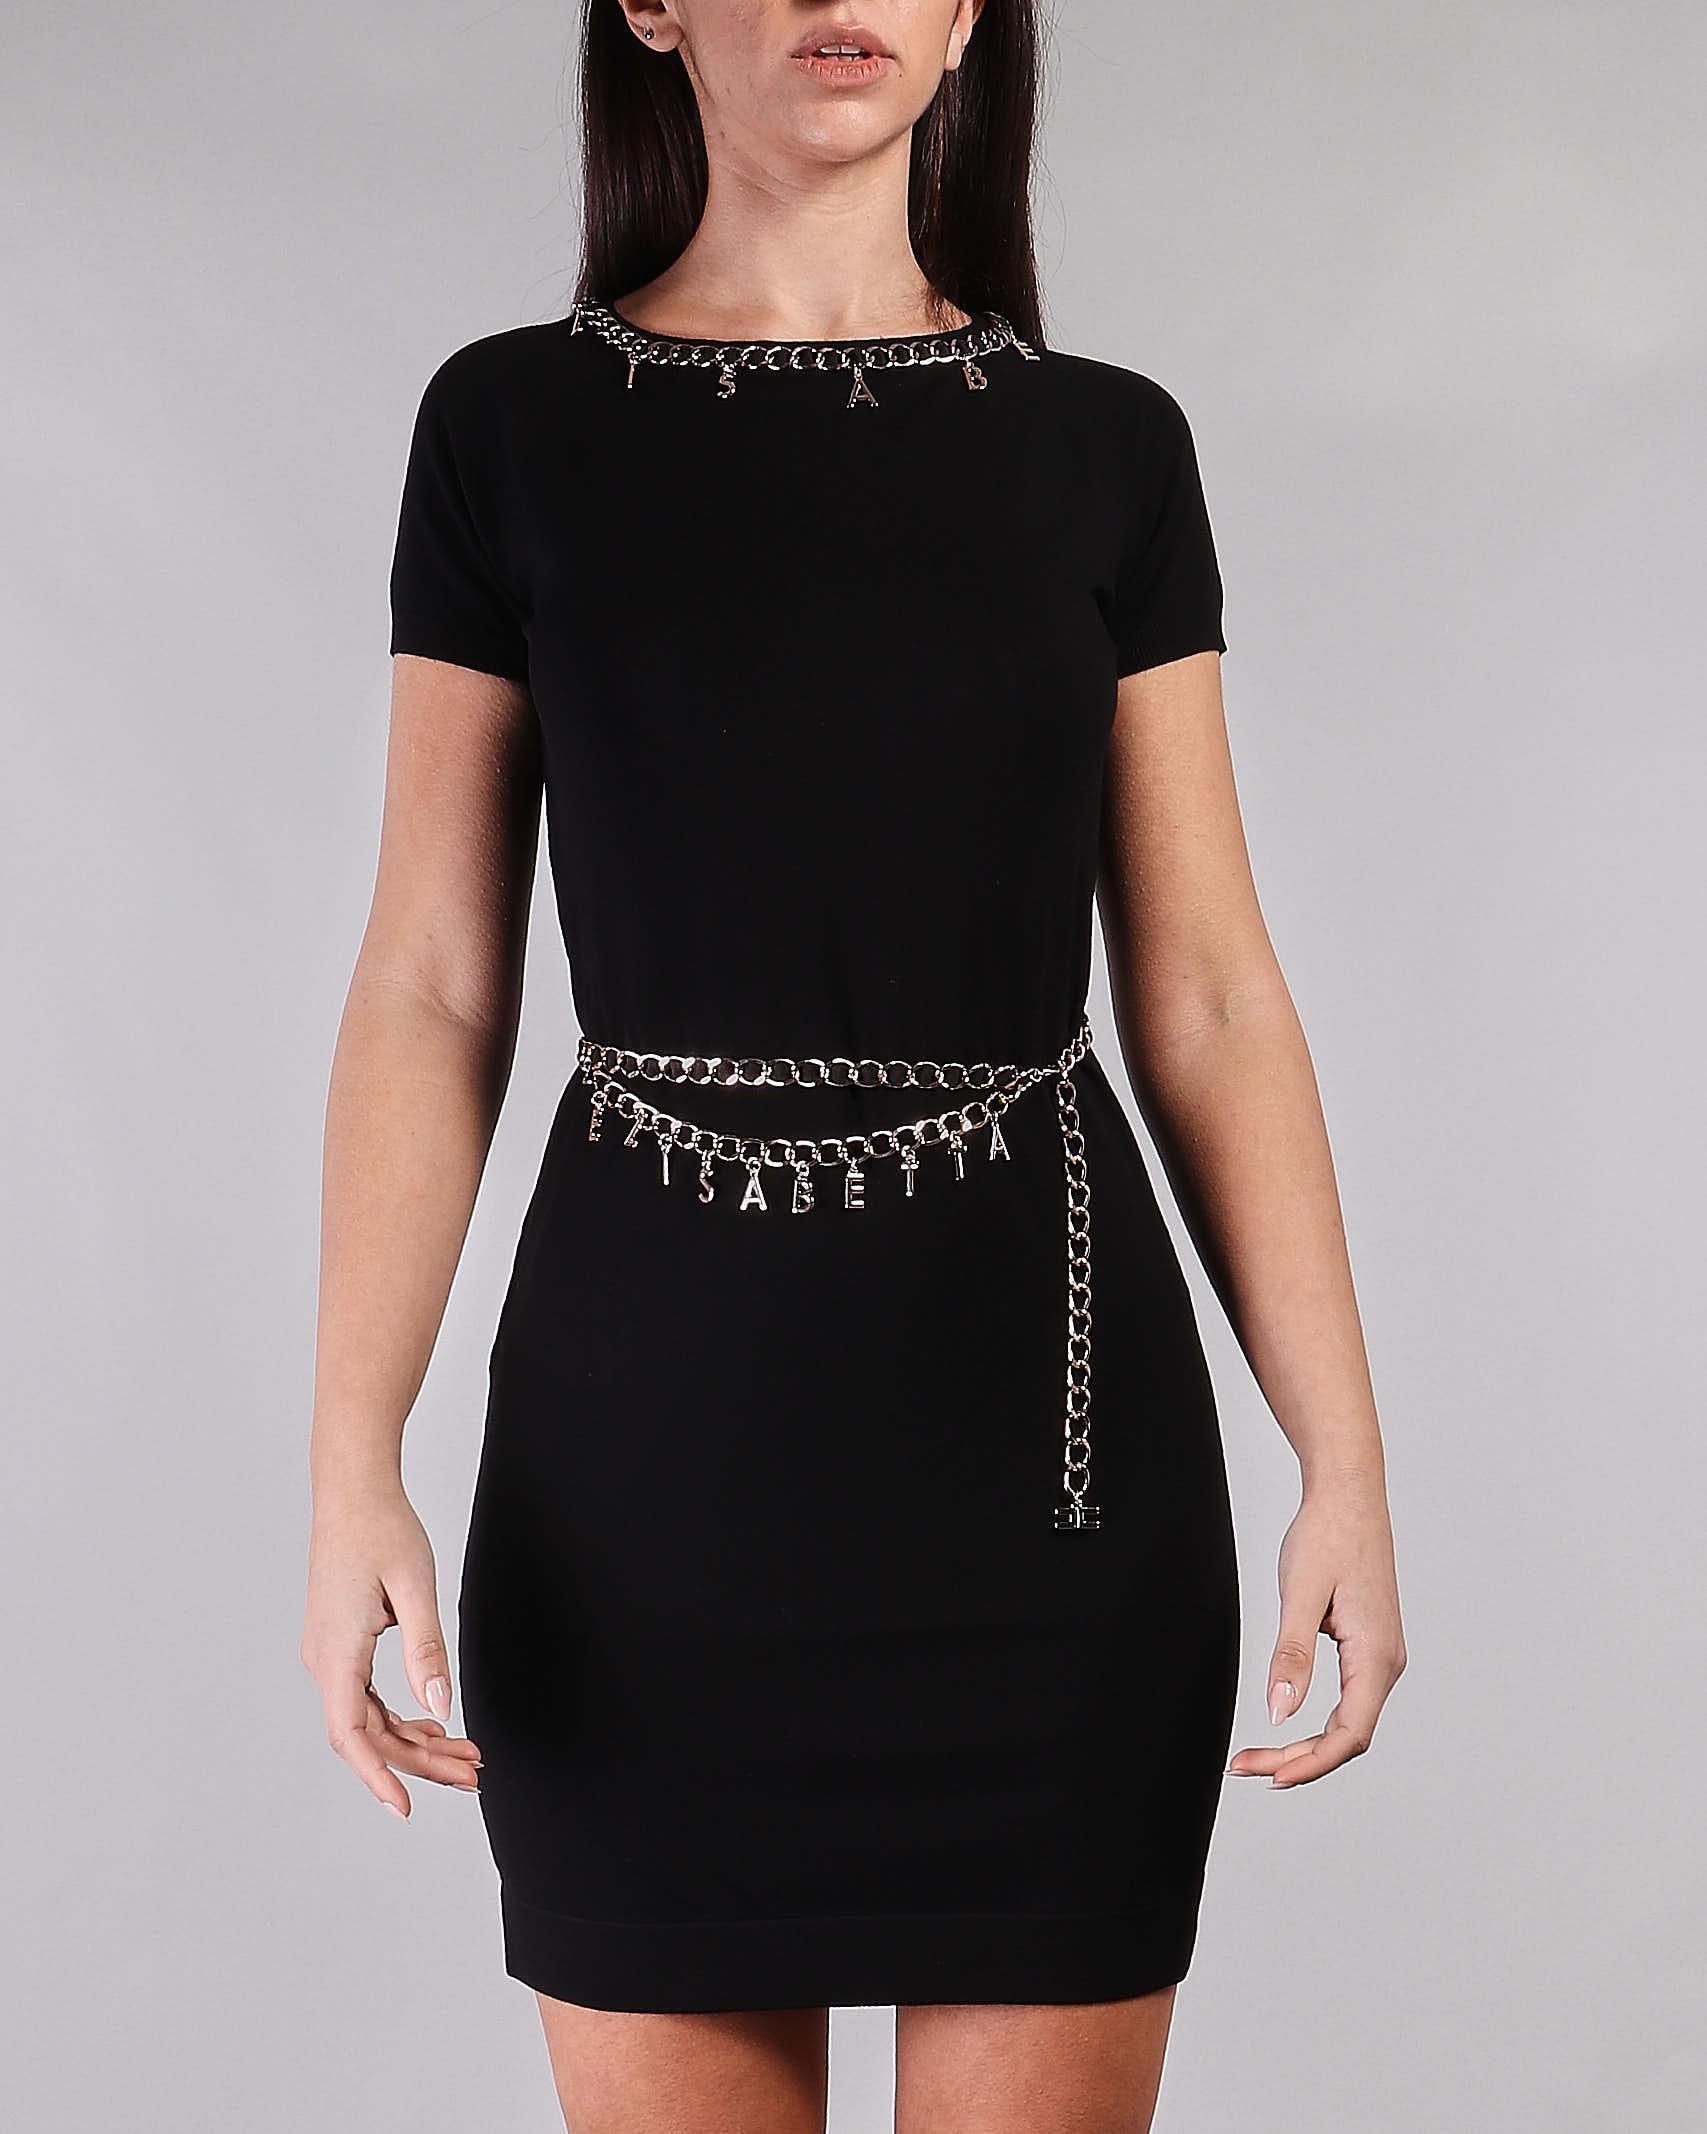 Mini dress con cintura e charms Elisabetta Franchi ELISABETTA FRANCHI | Abito | AM03S11E2110